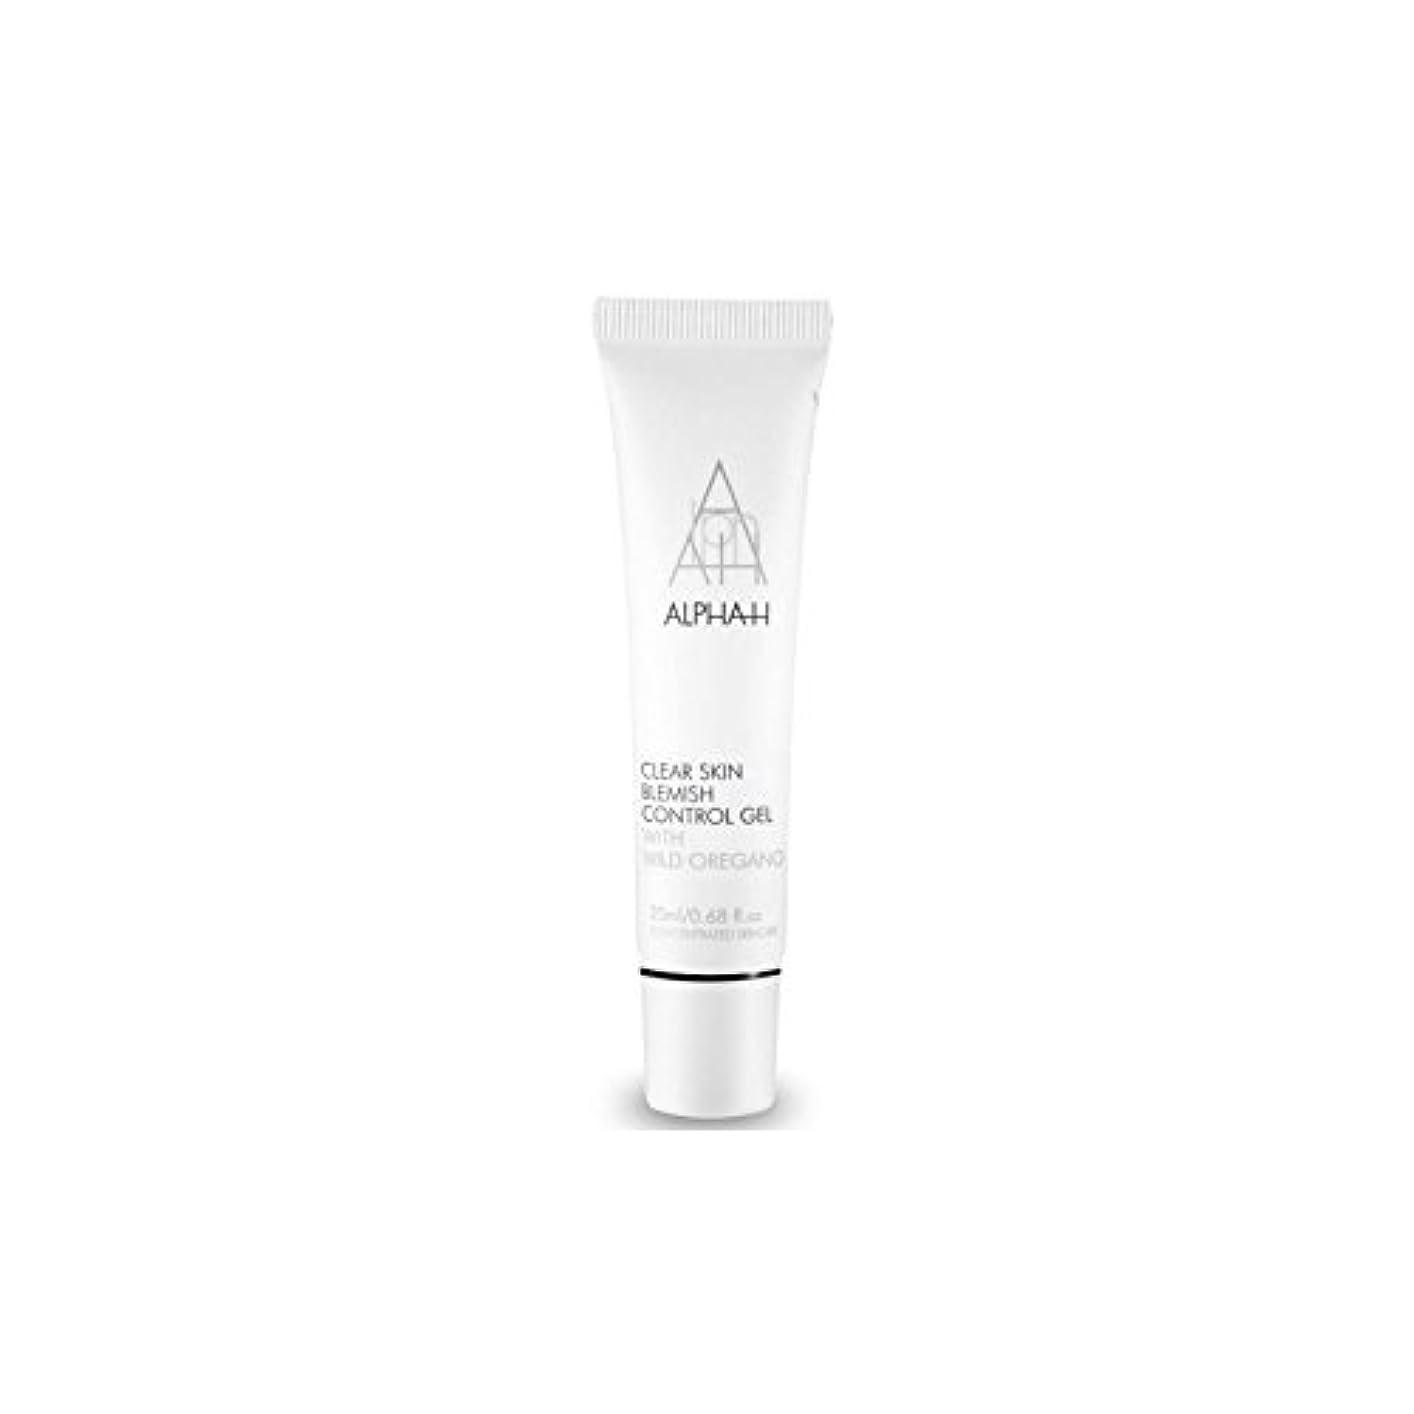 啓発する変更可能思いやりアルファクリア皮膚傷制御ゲル(20)中 x4 - Alpha-H Clear Skin Blemish Control Gel (20ml) (Pack of 4) [並行輸入品]